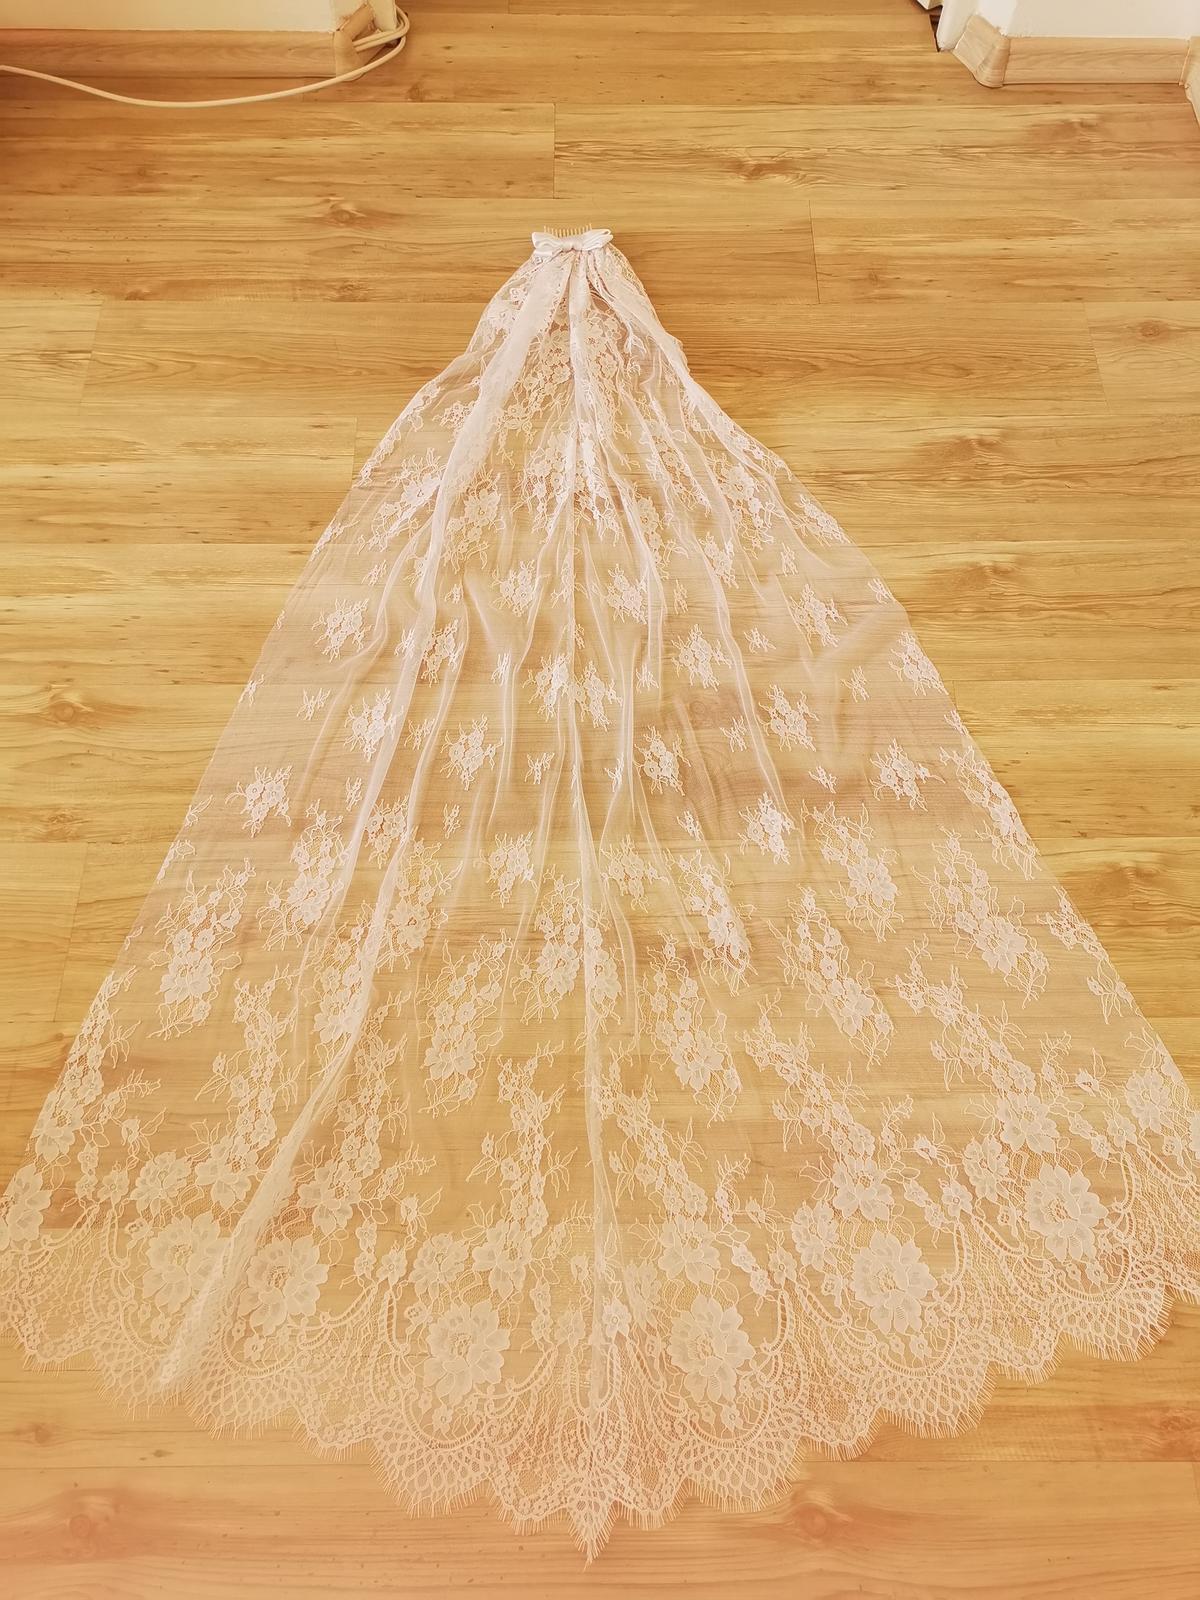 Biely čipkované dlhý zavoj - Obrázok č. 1